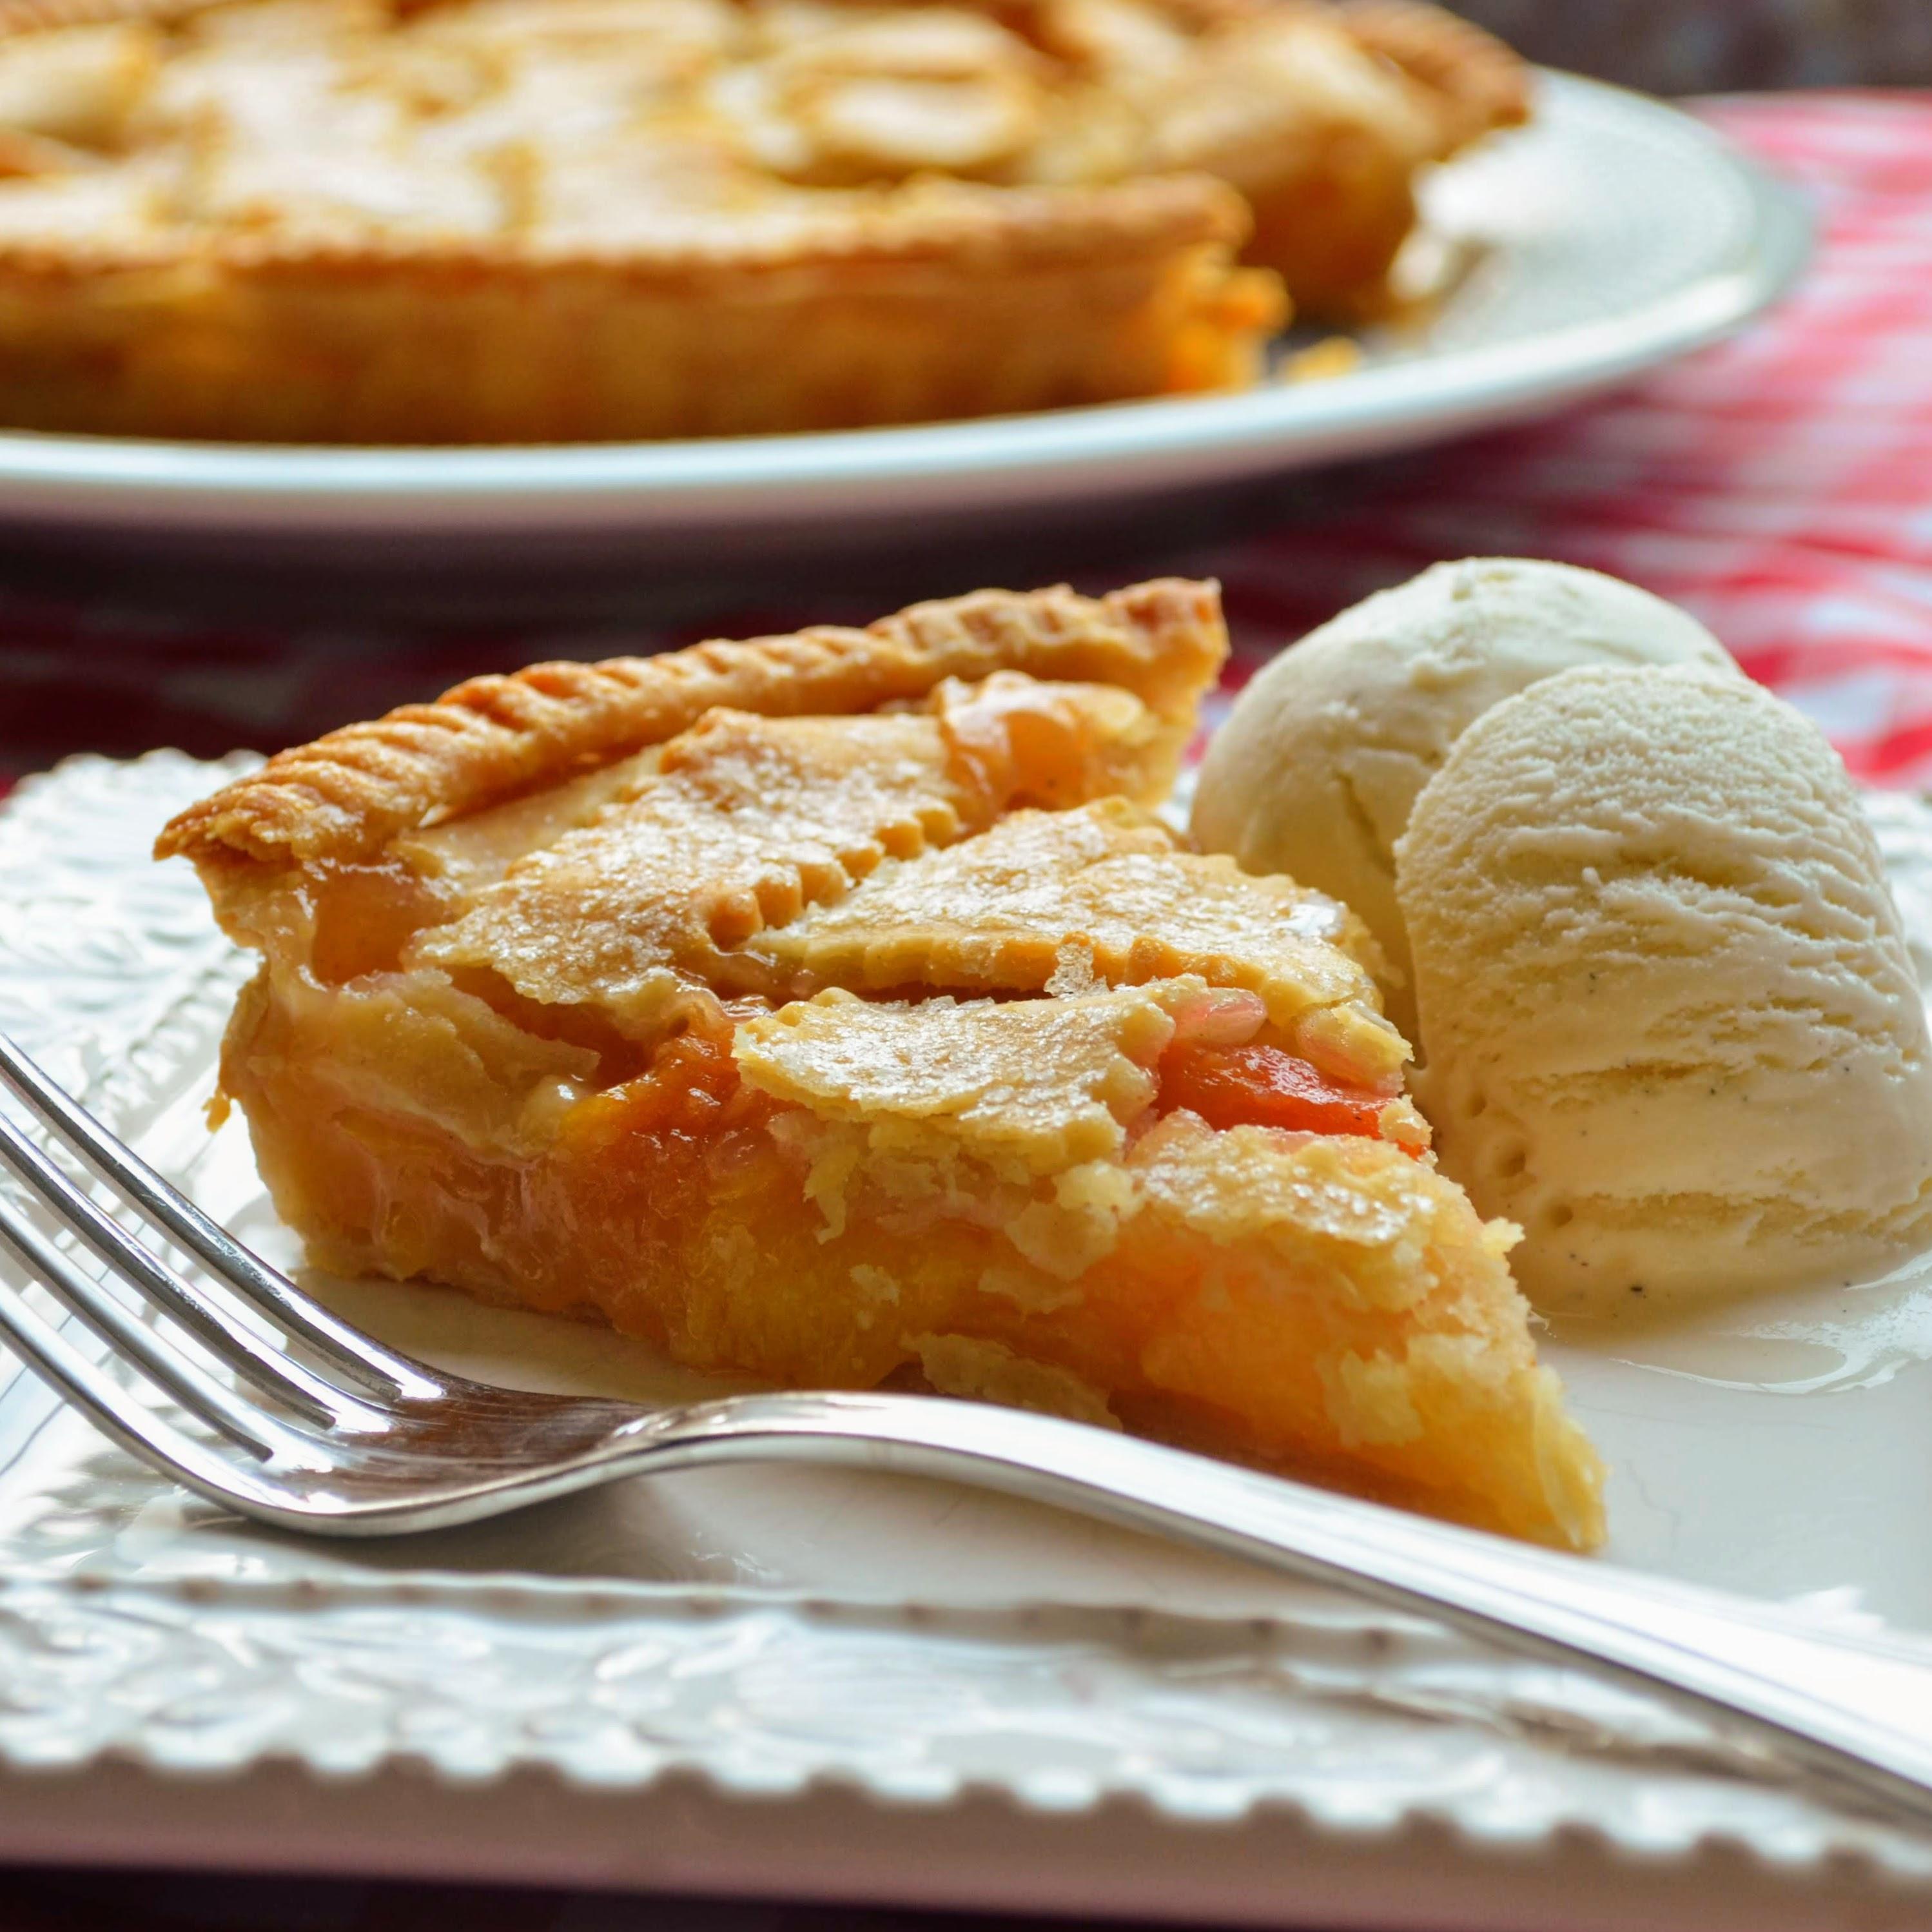 Receita de Torta de Pêssego do Chef John